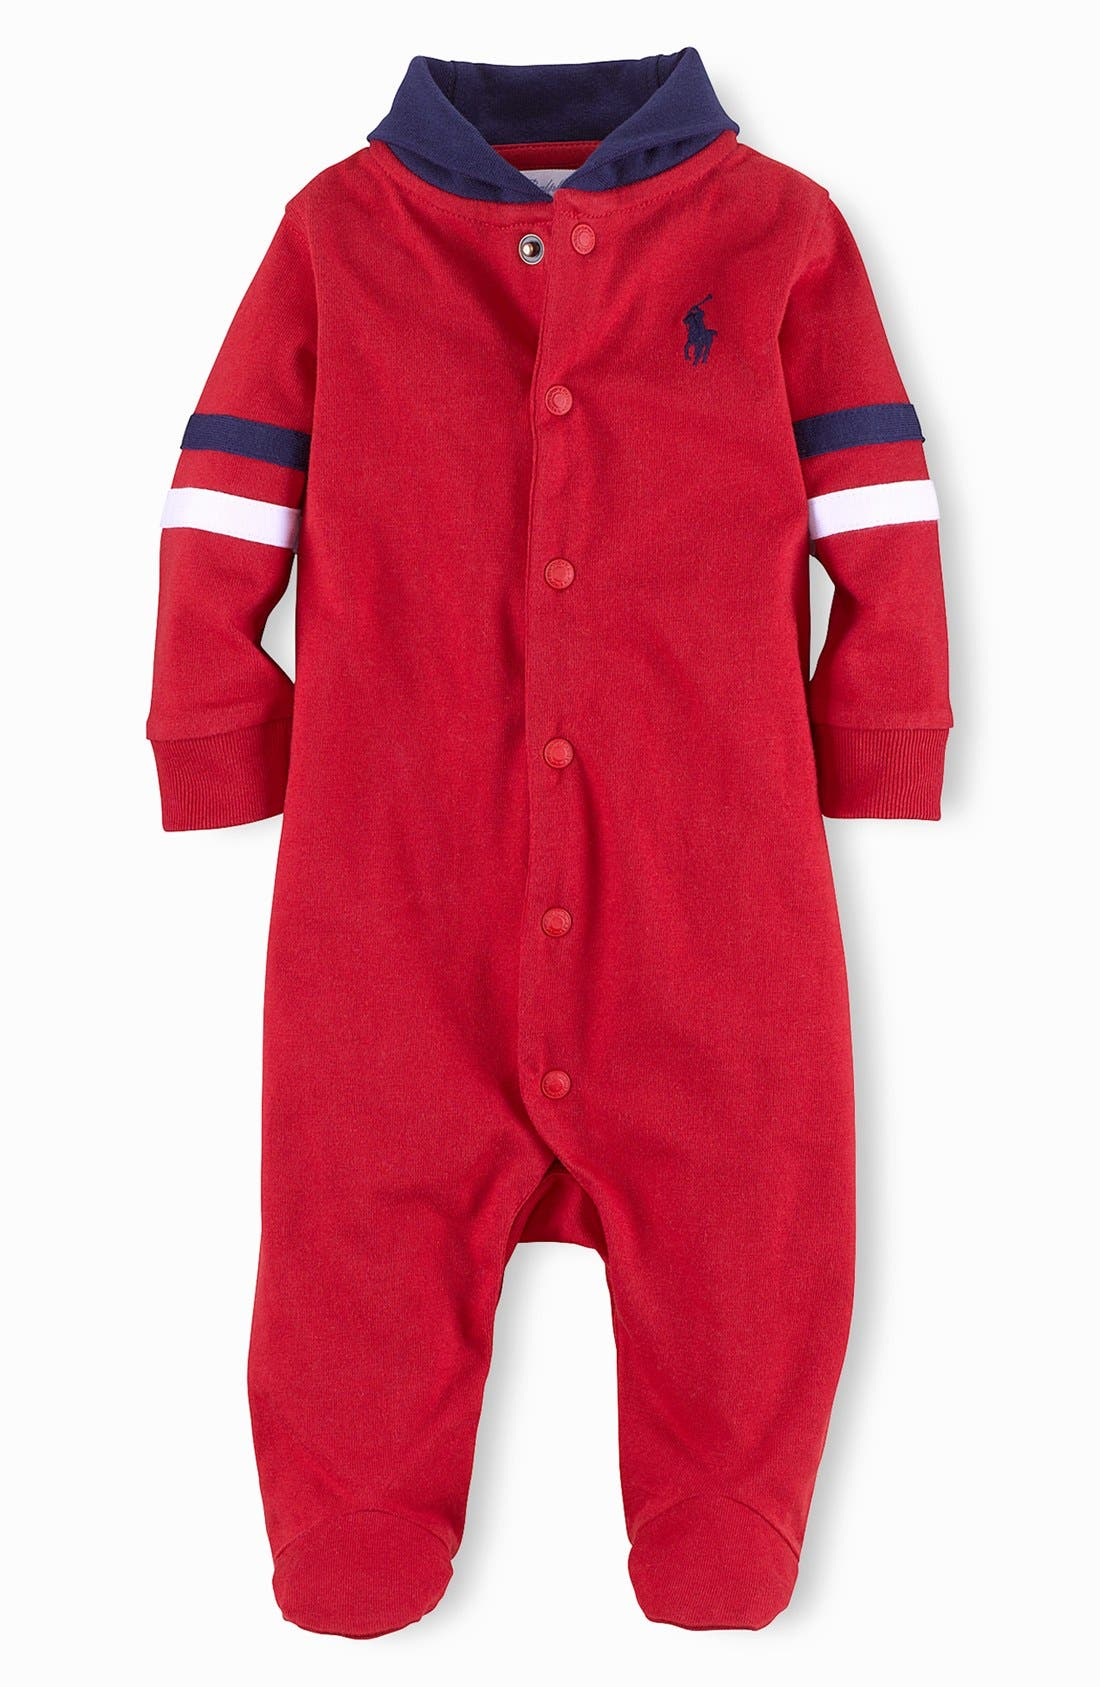 Alternate Image 1 Selected - Ralph Lauren Footie (Baby)